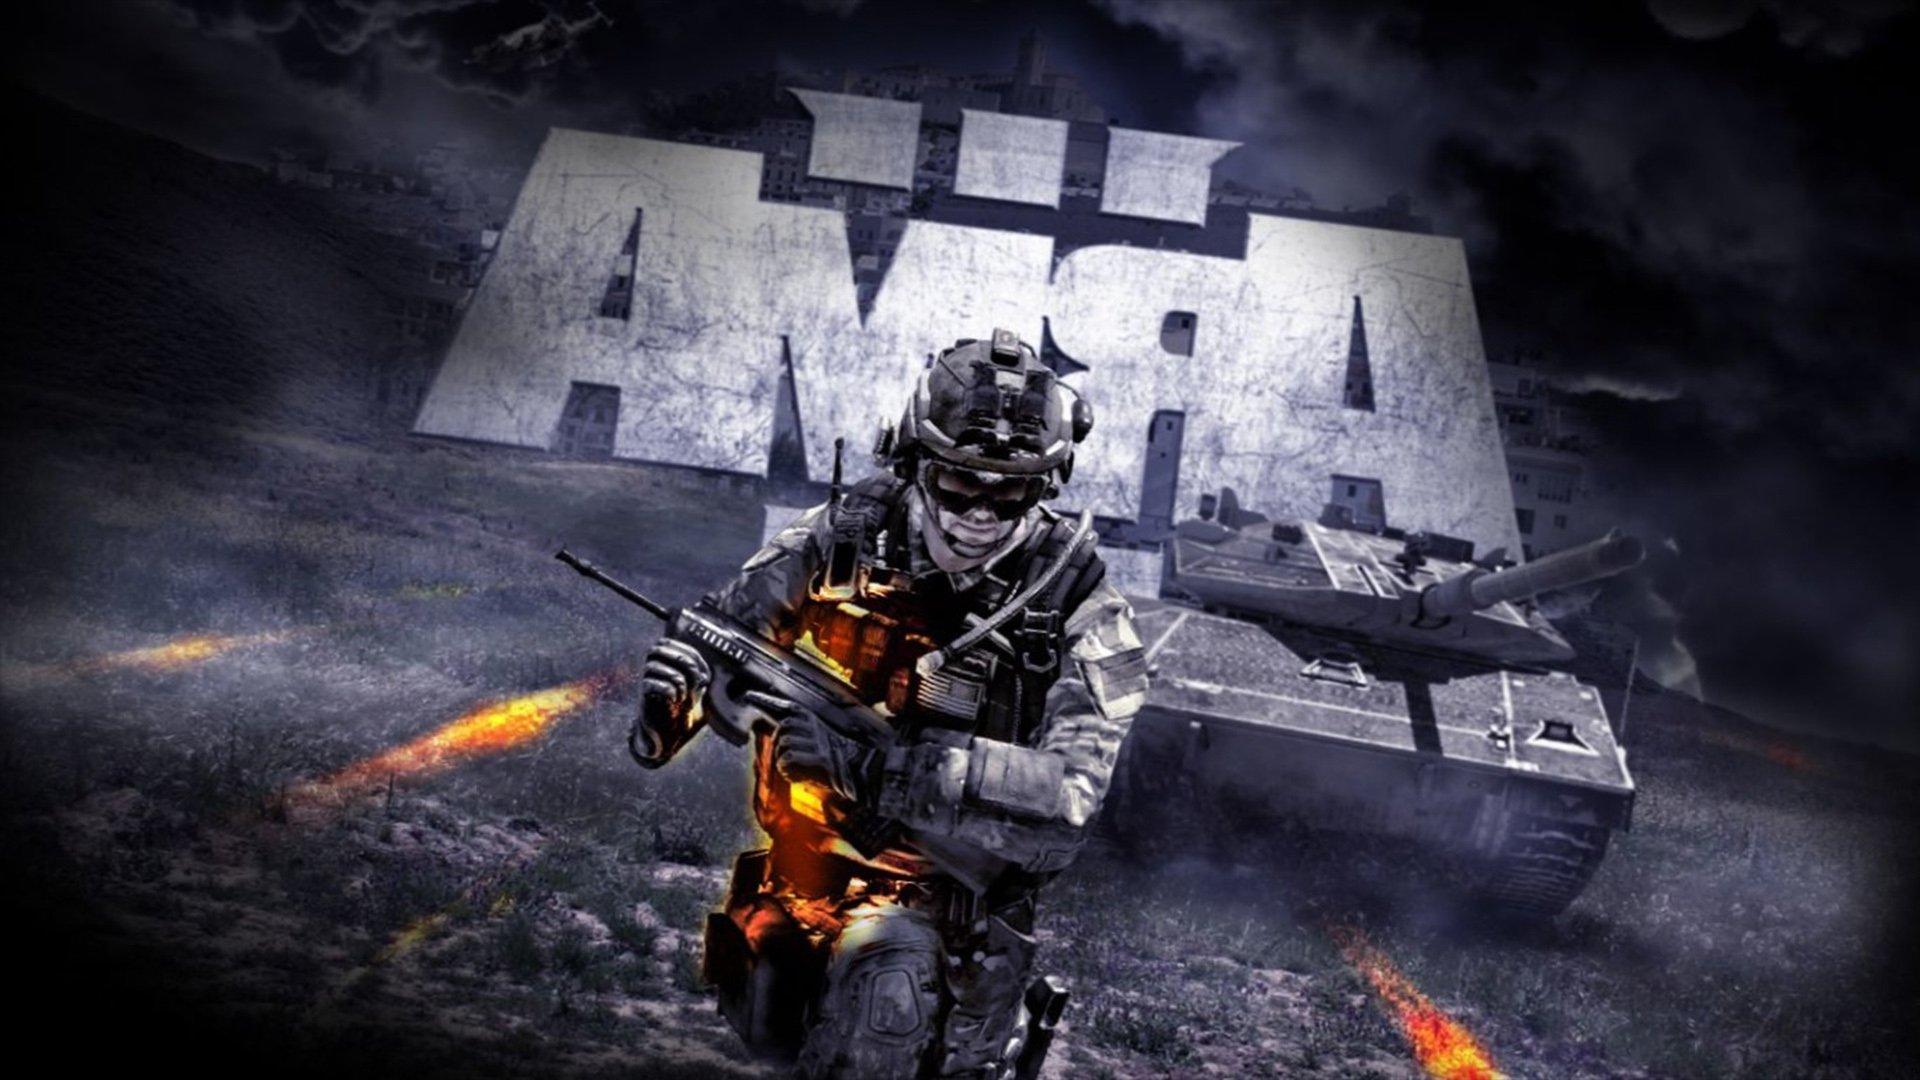 arma 3 computer wallpapers desktop backgrounds